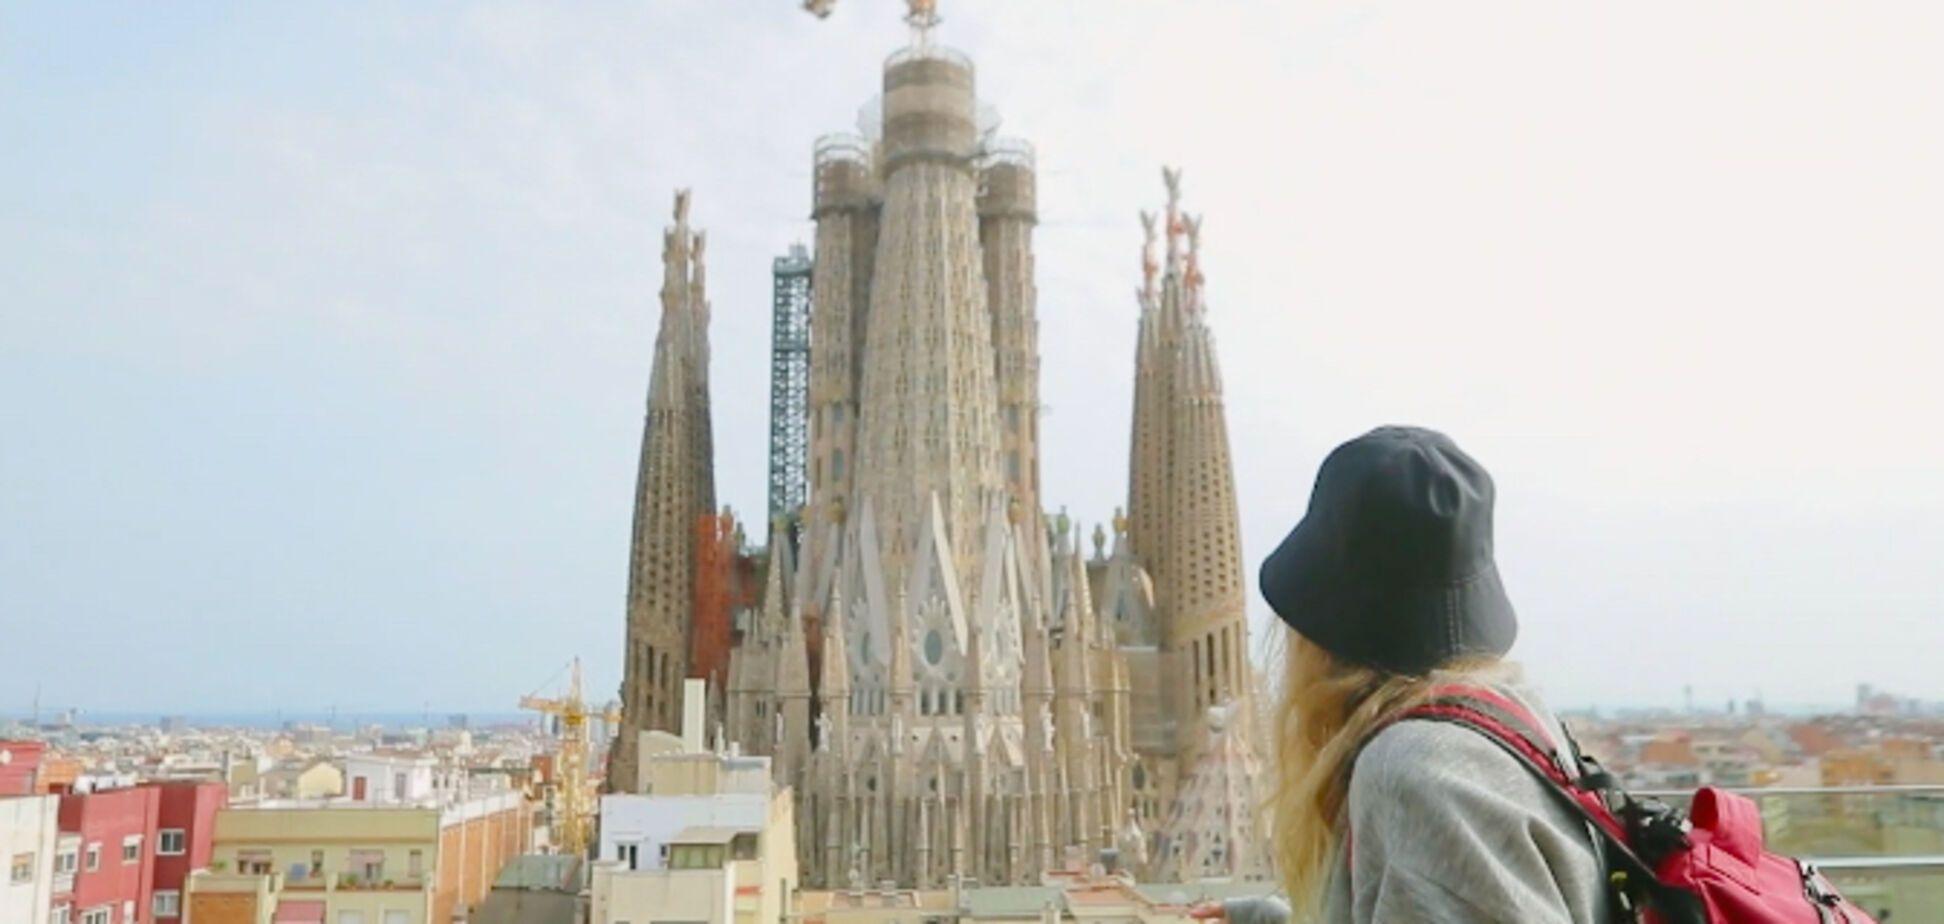 Самые инстаграмныеместа Барселоны: опубликован топ-3 от Веры Брежневой